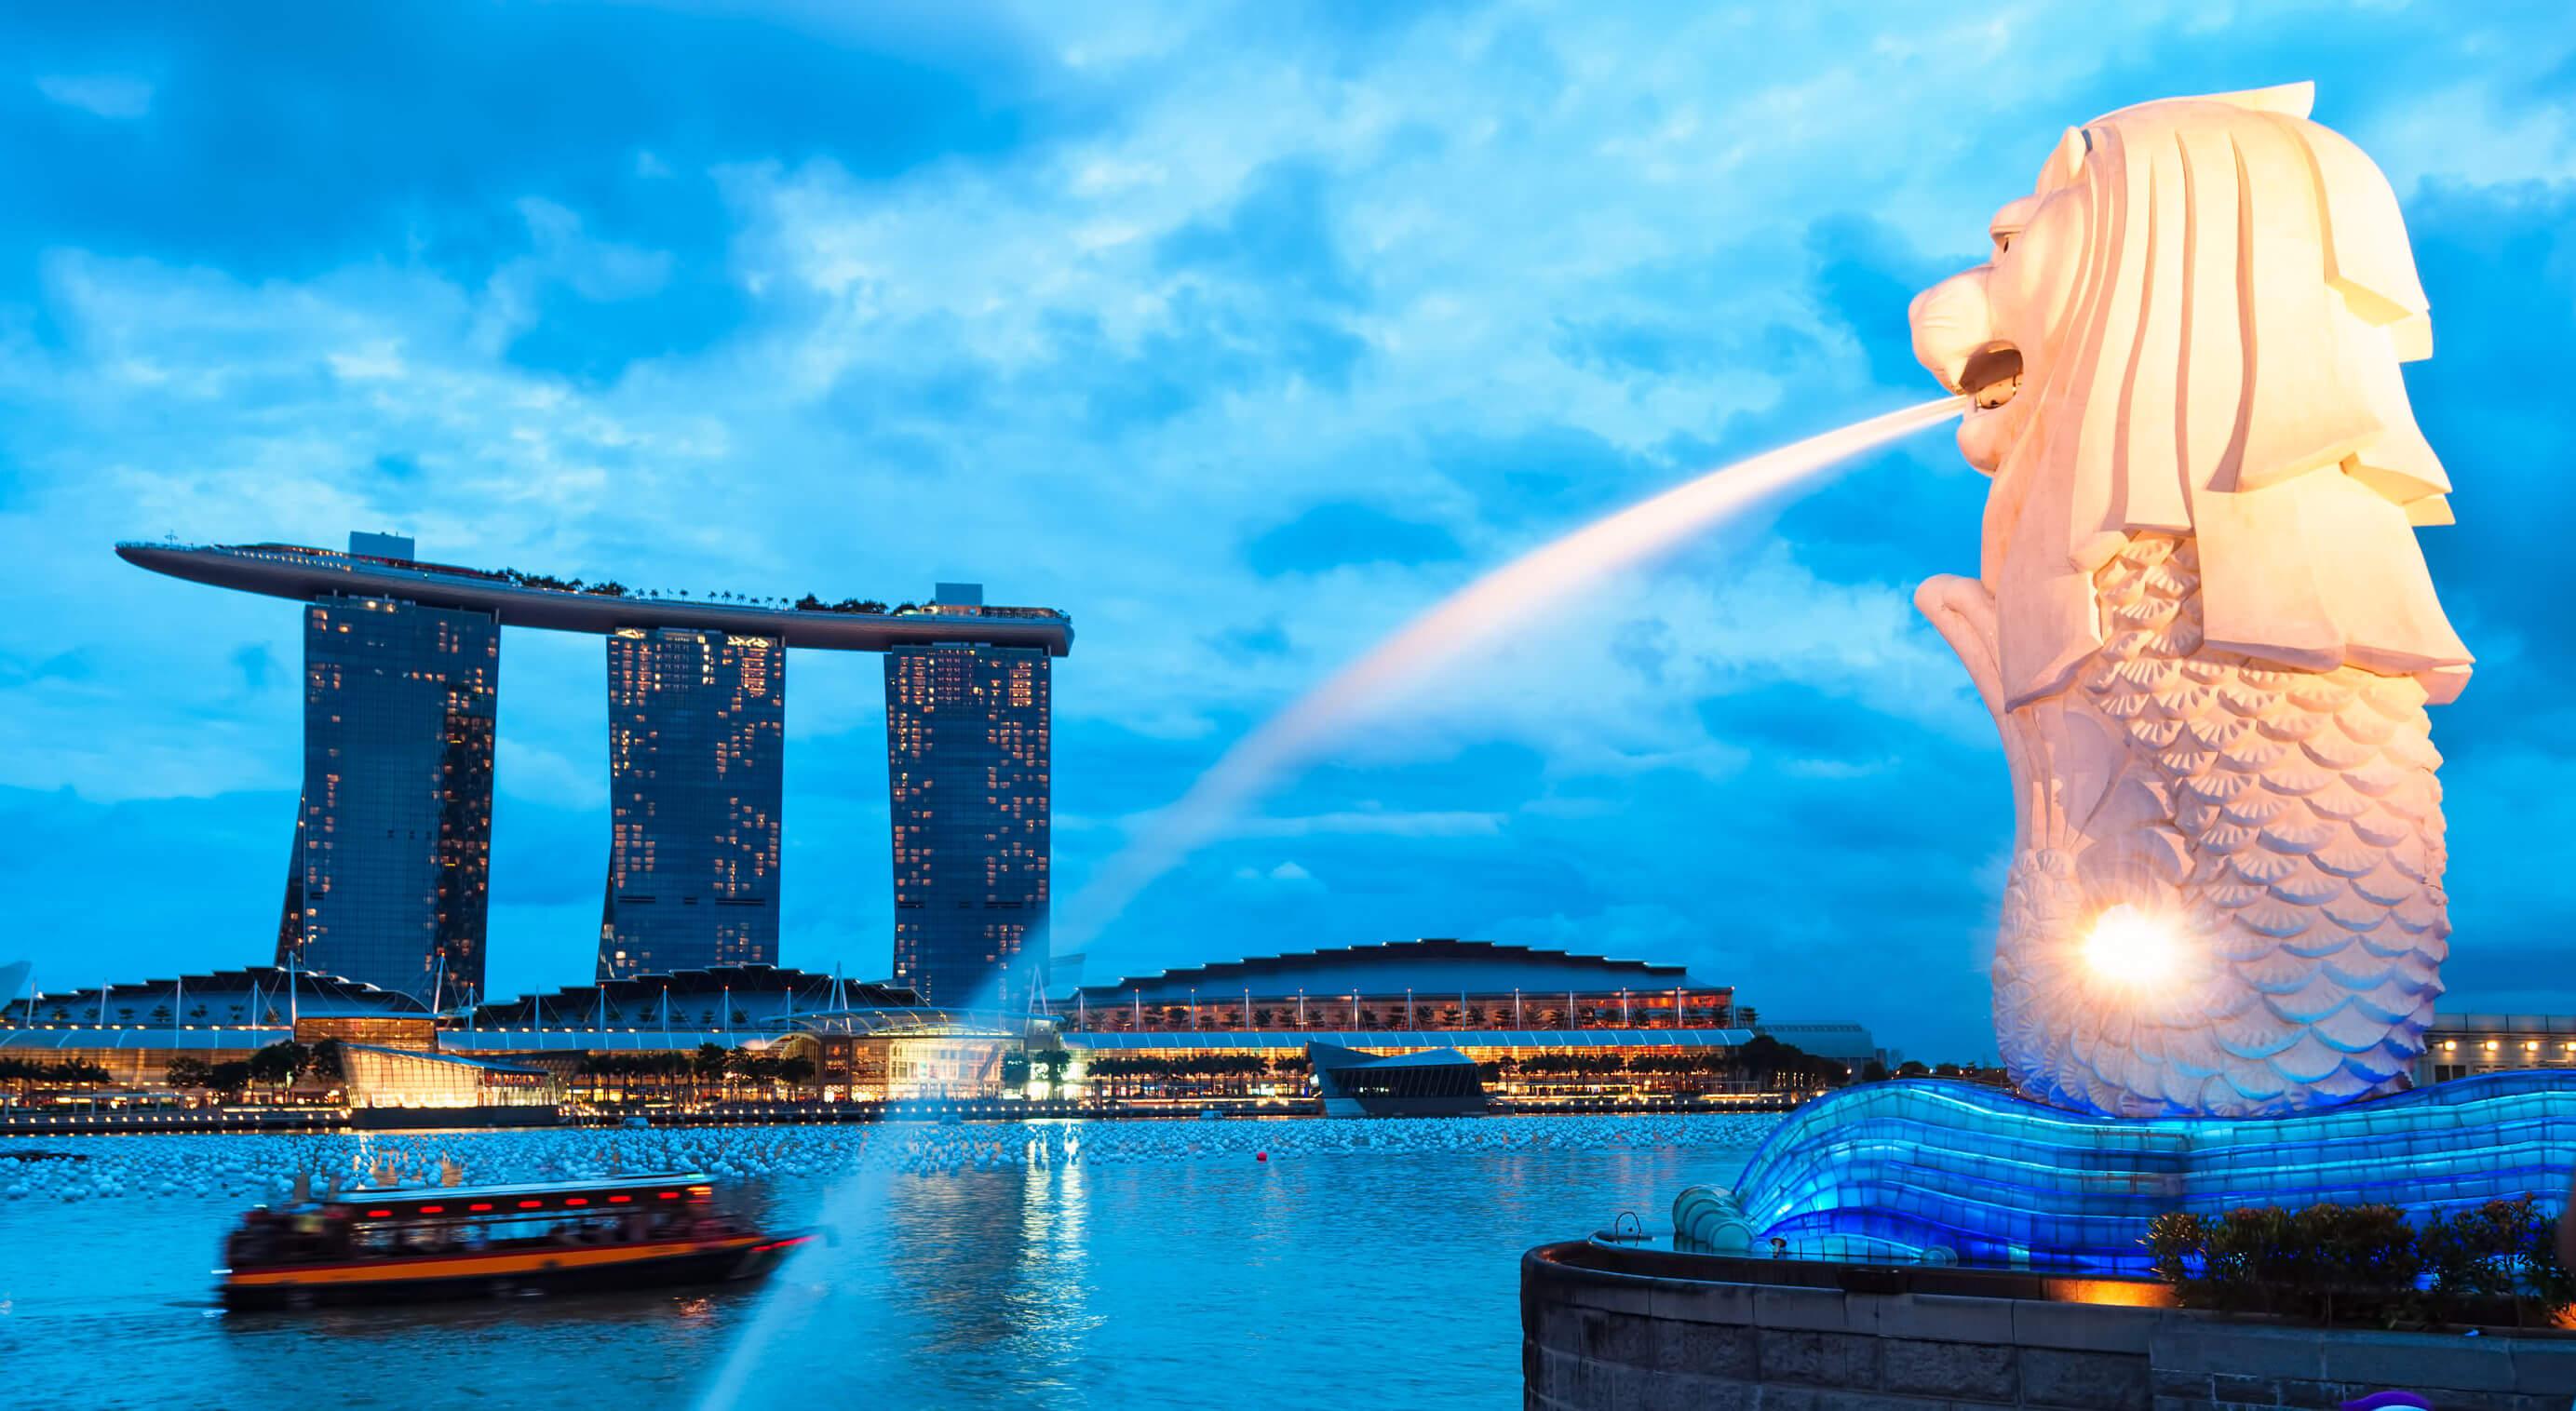 Agenzie e siti di incontri a Singapore